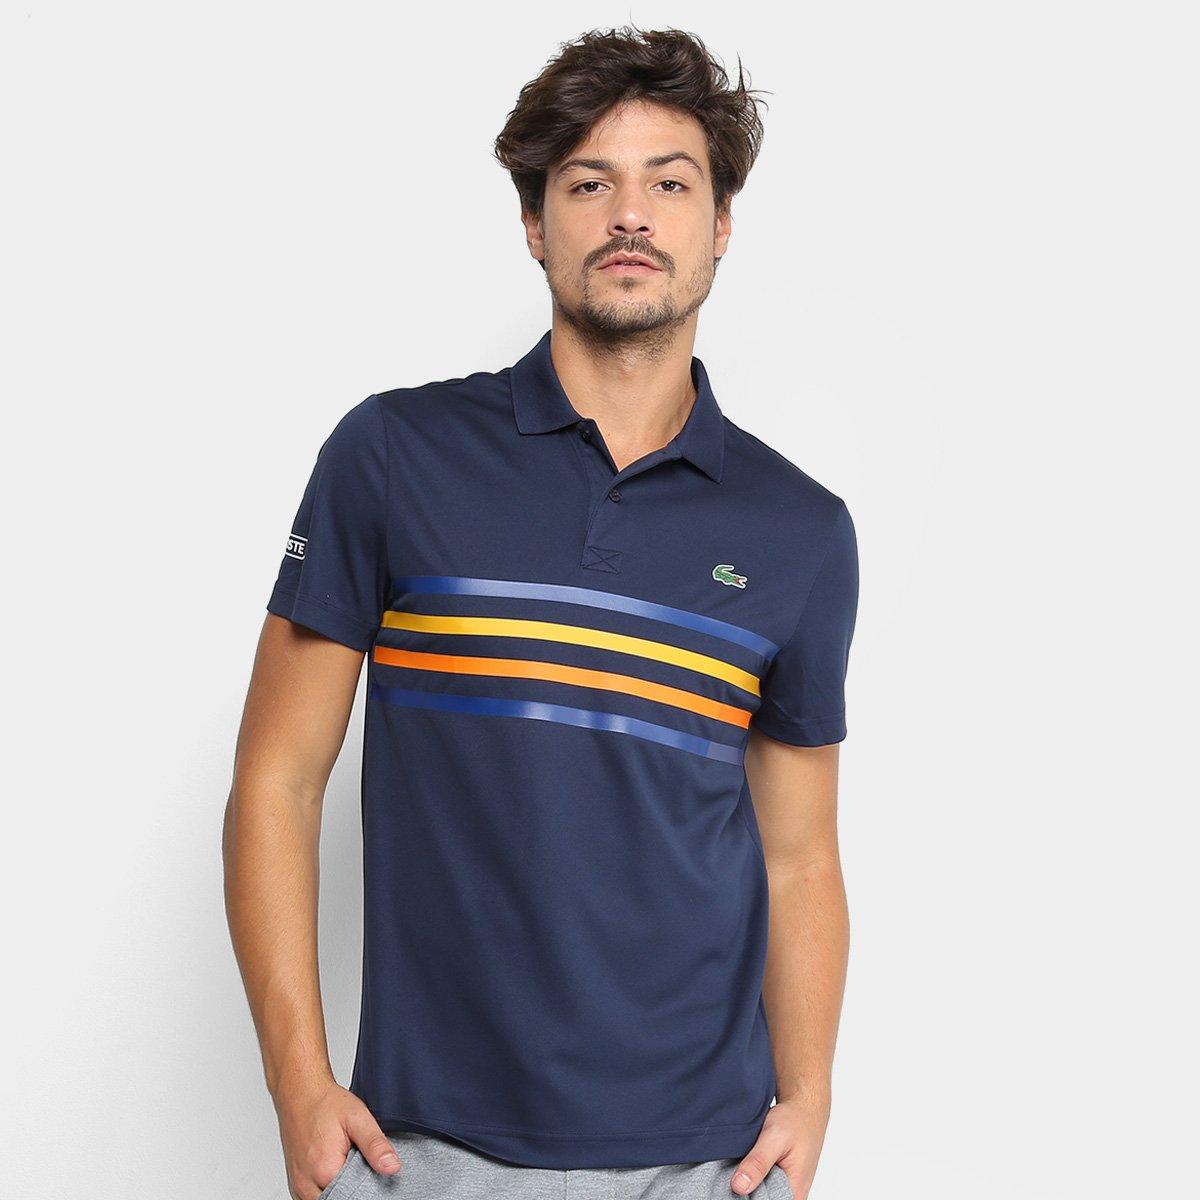 Camisa Polo Lacoste Sport Tennis Masculina - Marinho - Compre Agora ... e1f9bc38243